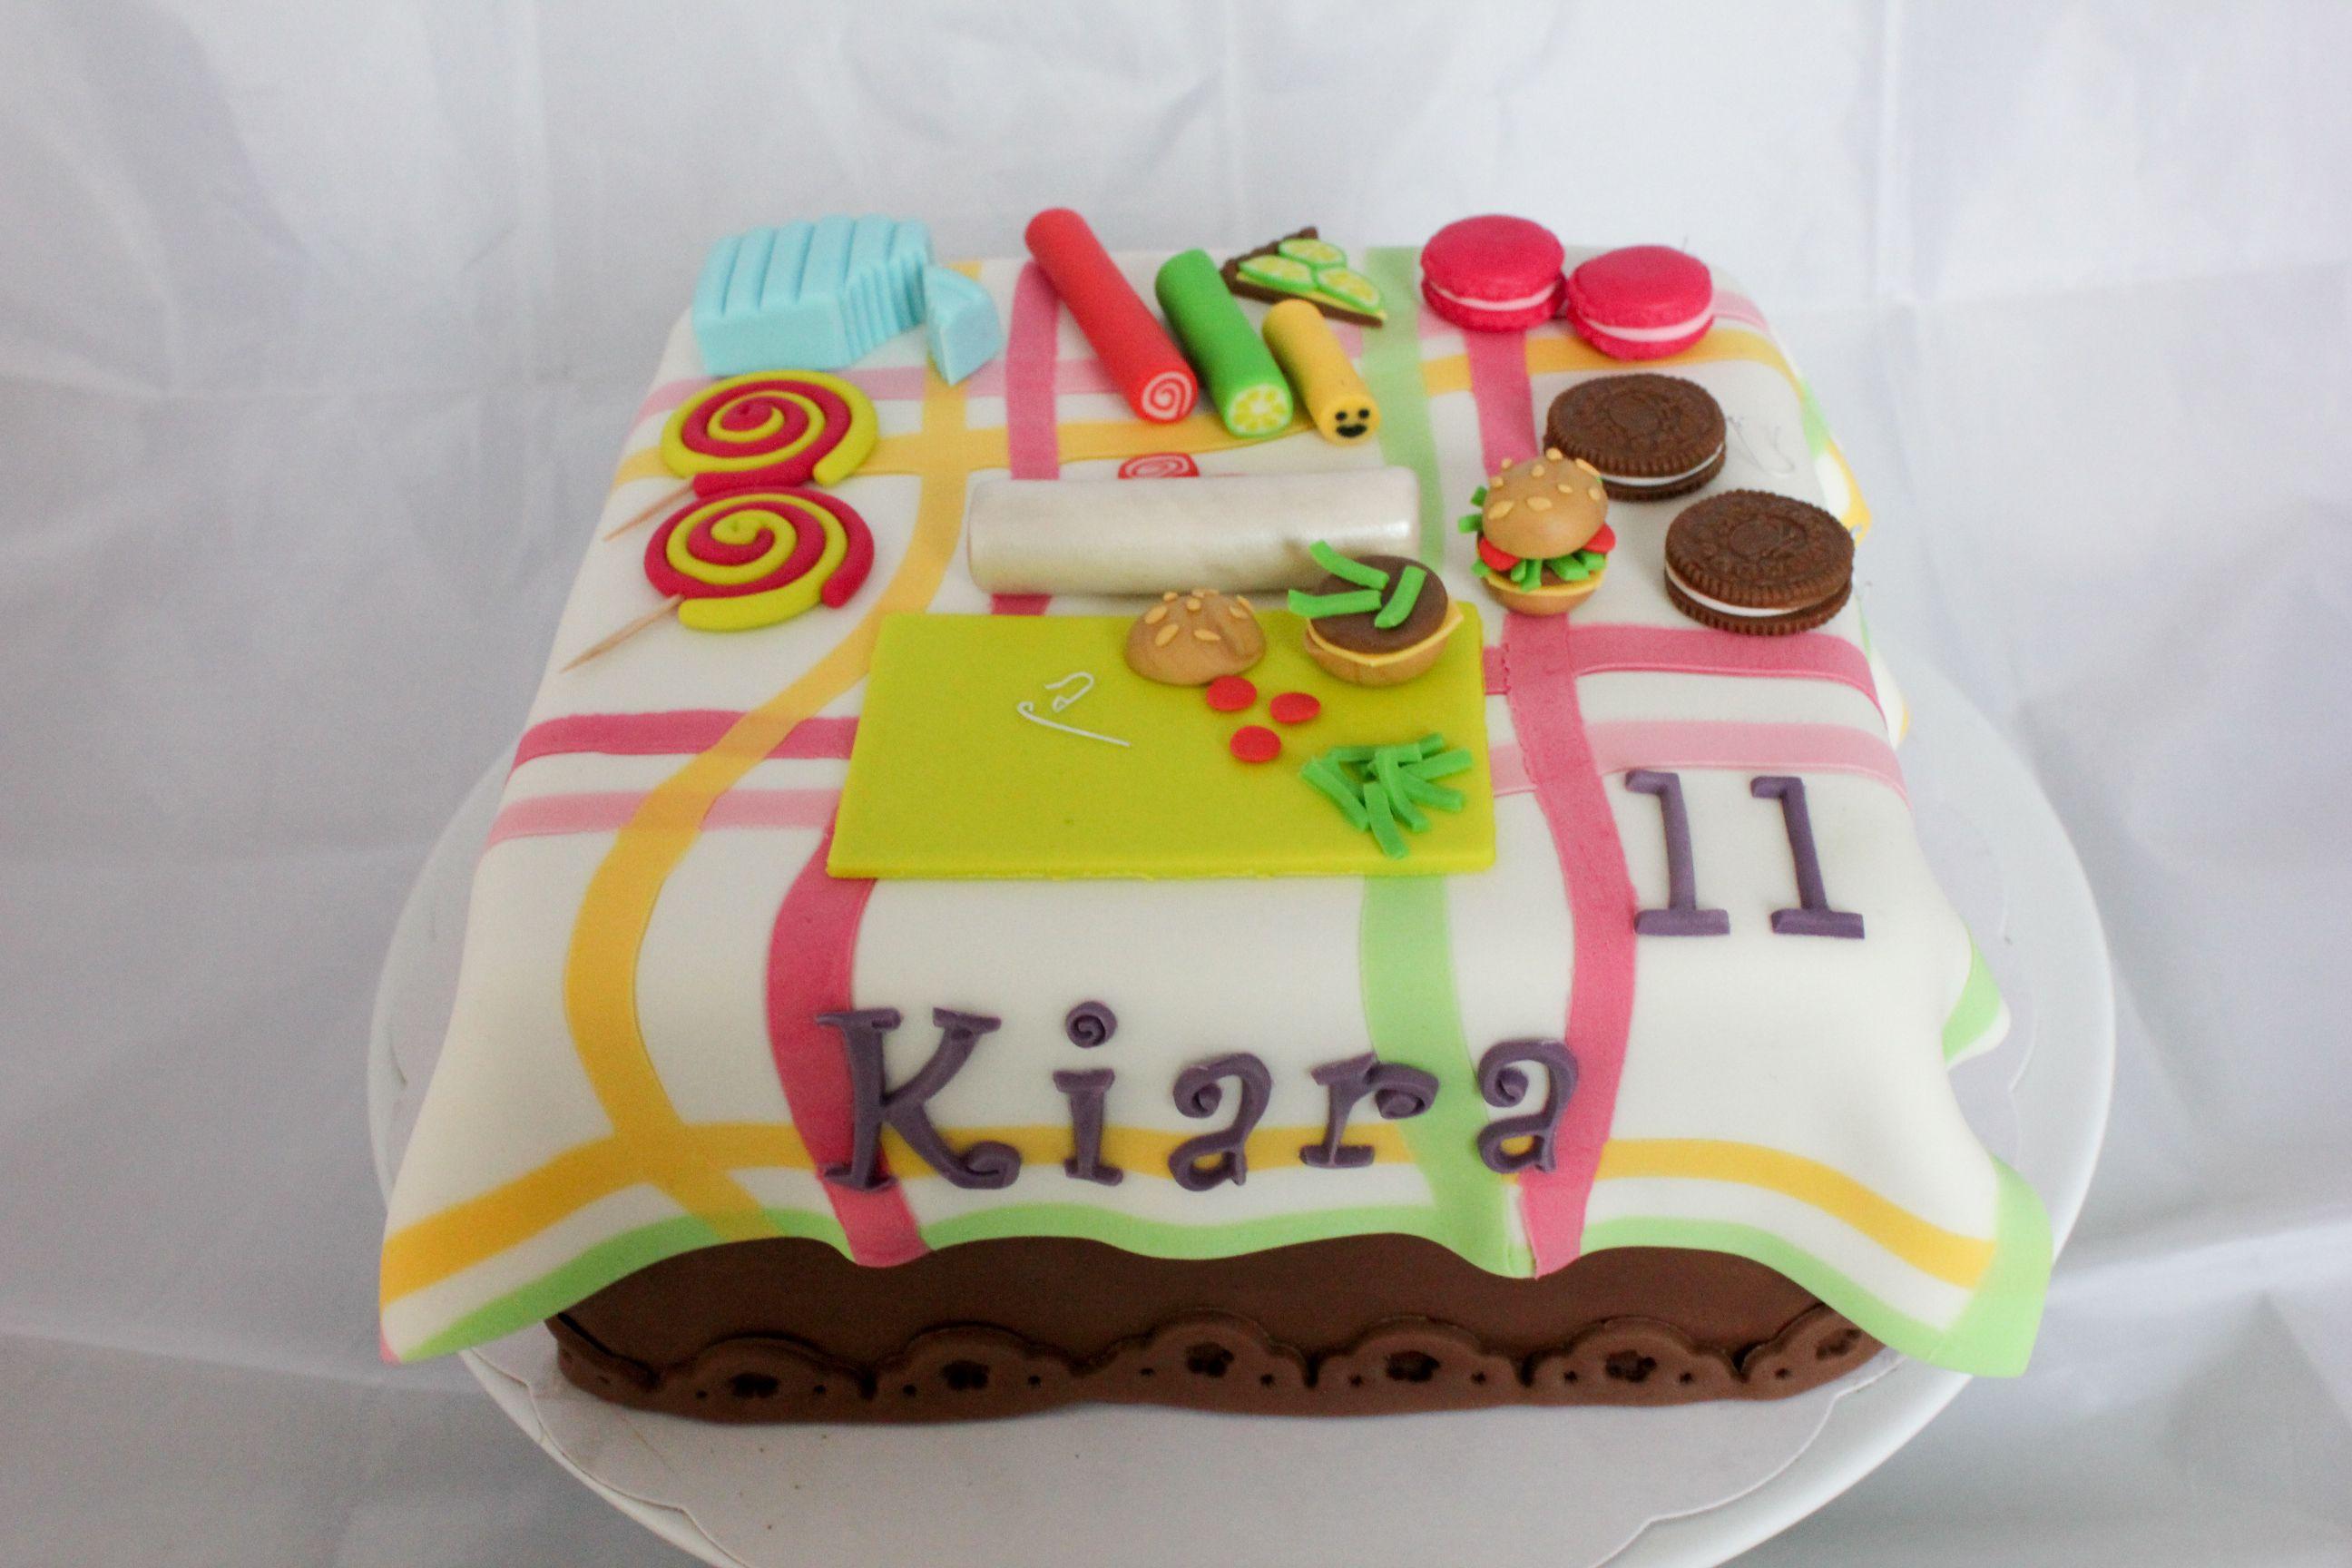 Birthday cake fimo déco sugar by Christel Kiki